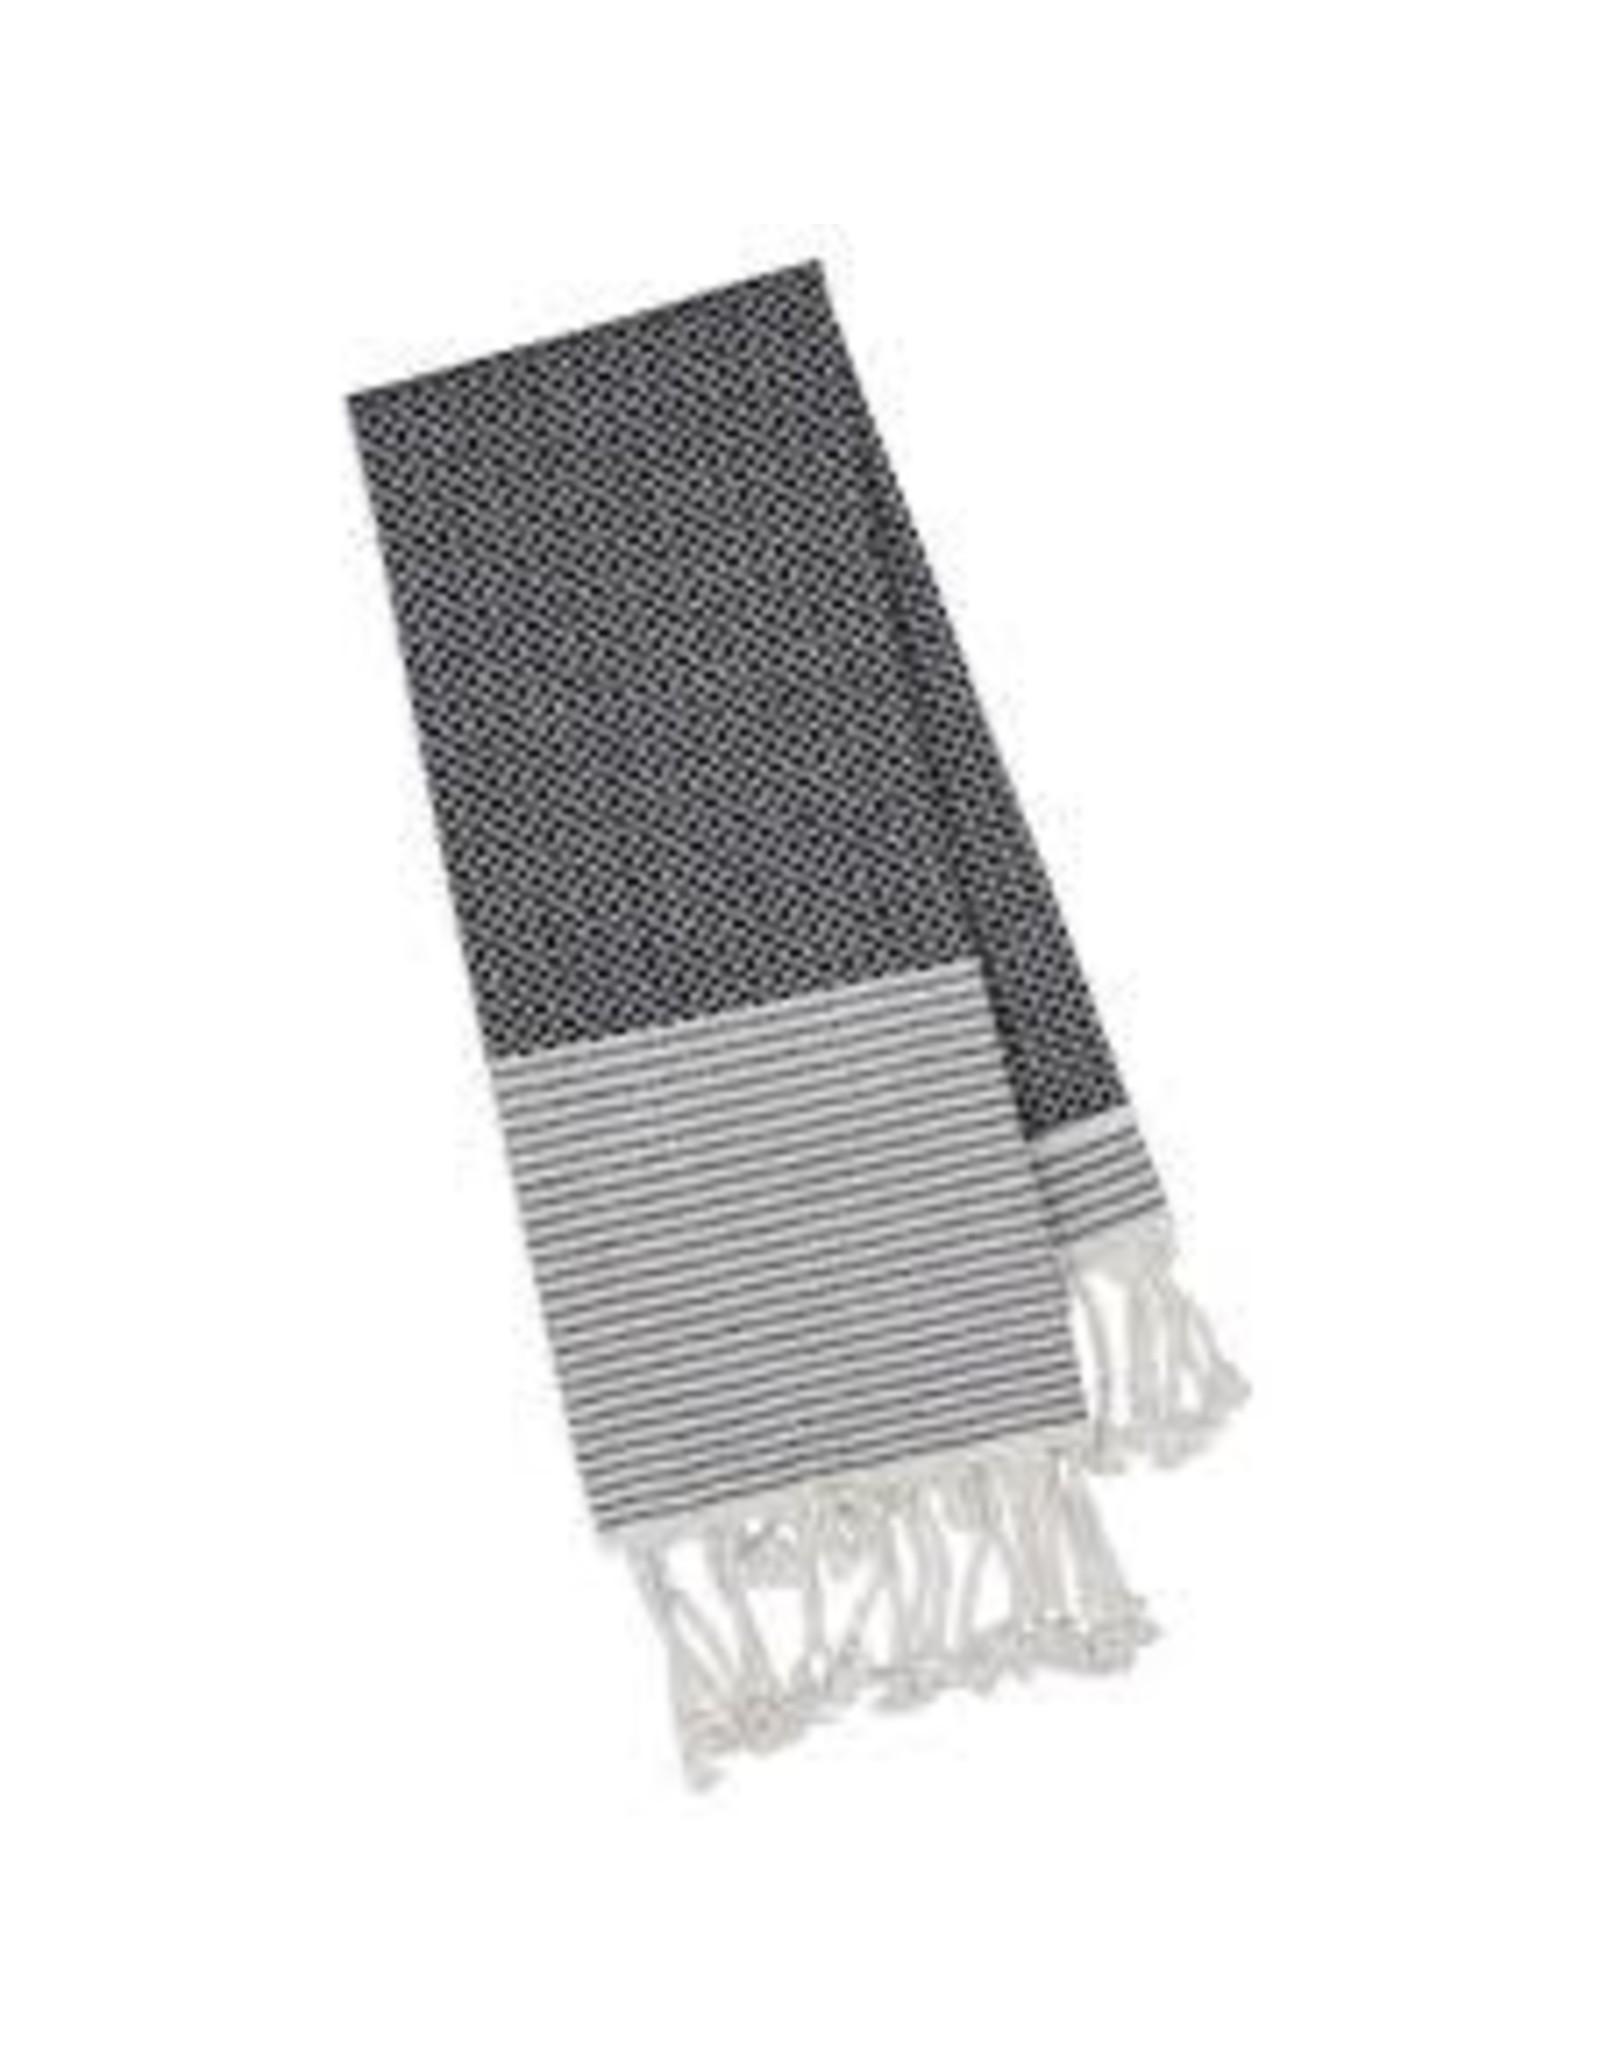 Design Imports DI Black Diamond Small Fouta Towel